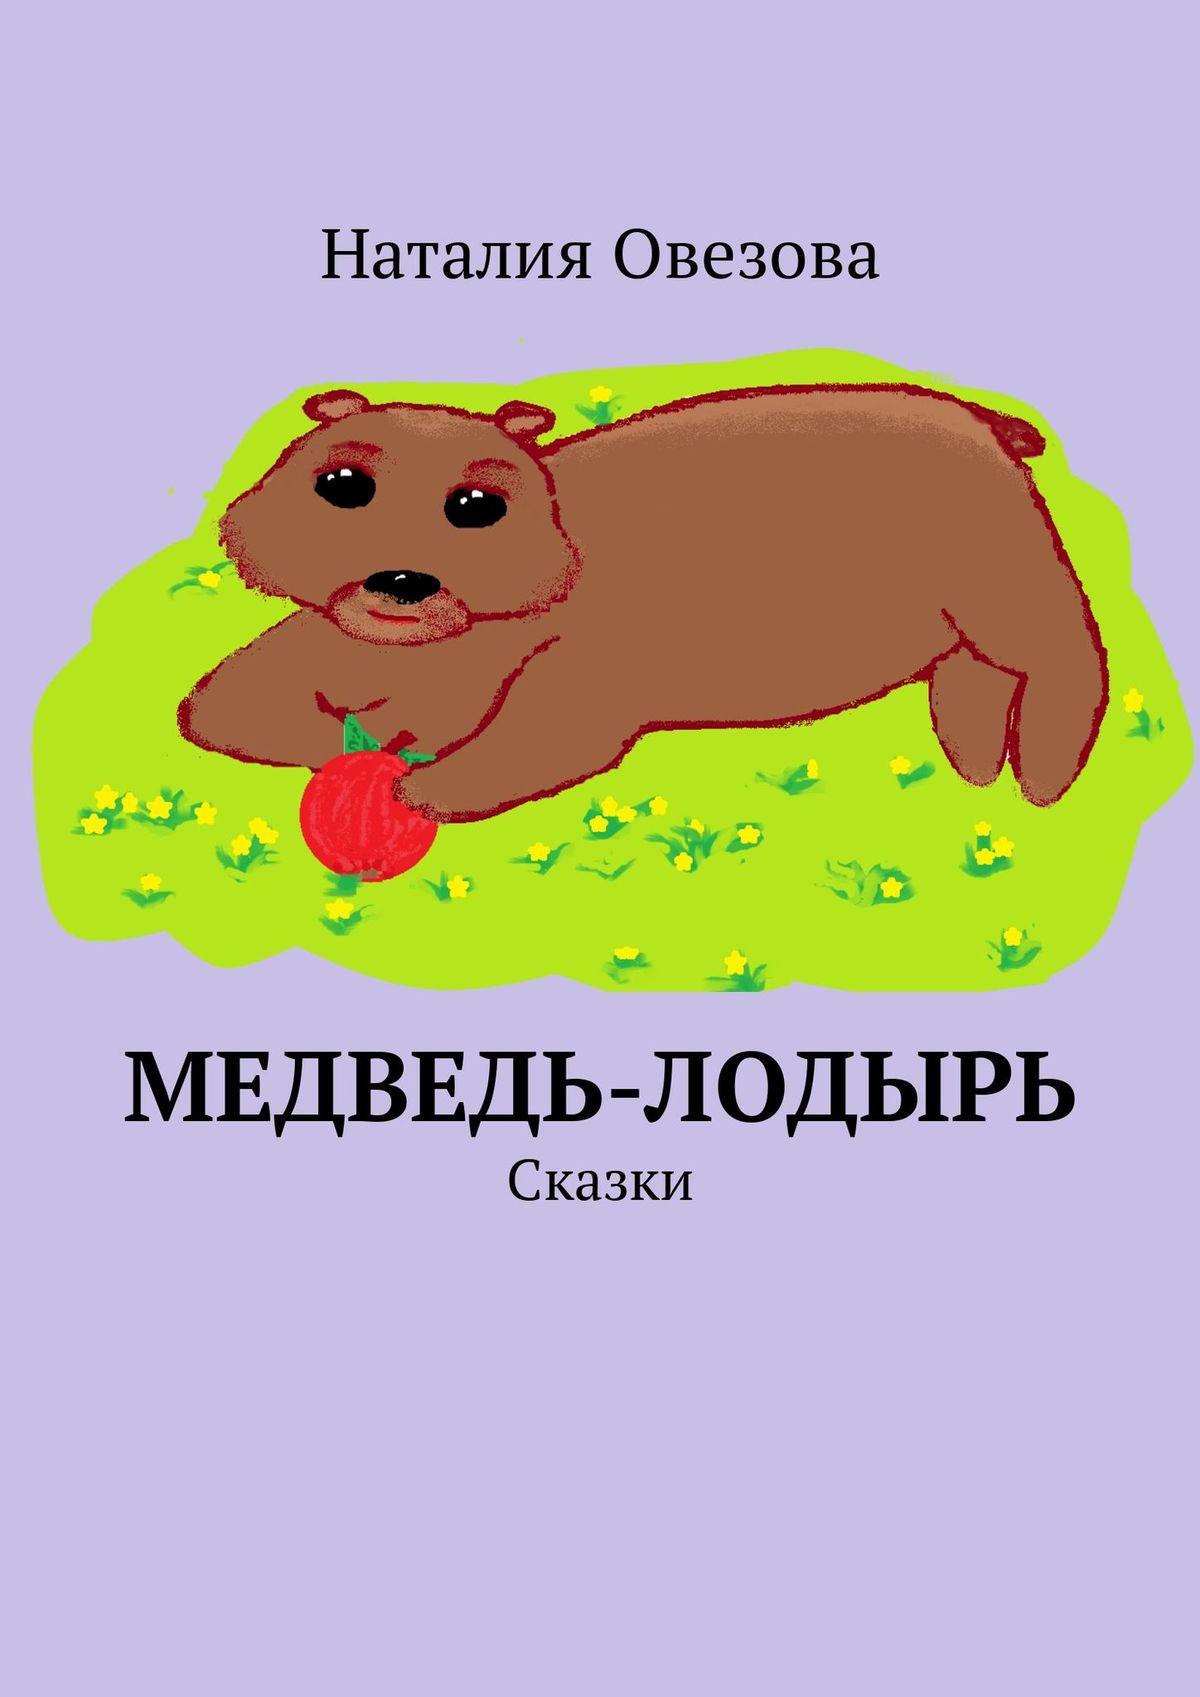 Наталия Овезова Медведь-лодырь. Сказки обсуждаем сказки 5 7 лет 250 вопросов по 50 известным сказкам 50 карточек